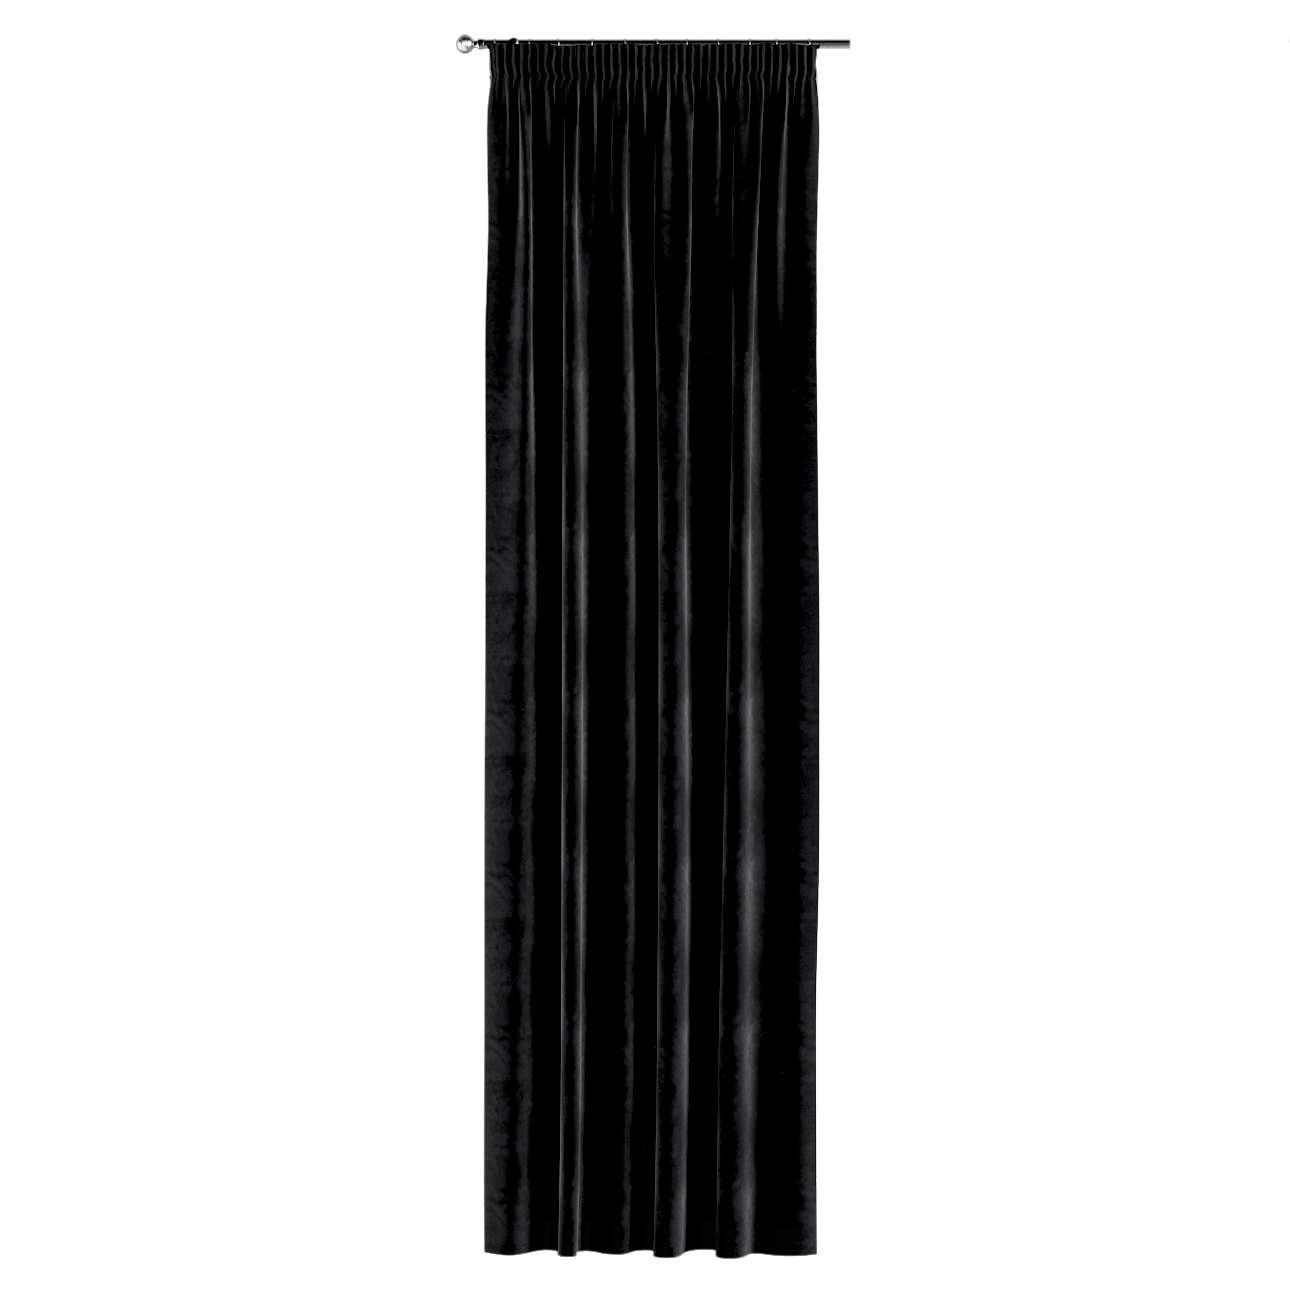 Gardin med rynkebånd 1 stk. fra kollektionen Velvet, Stof: 704-17